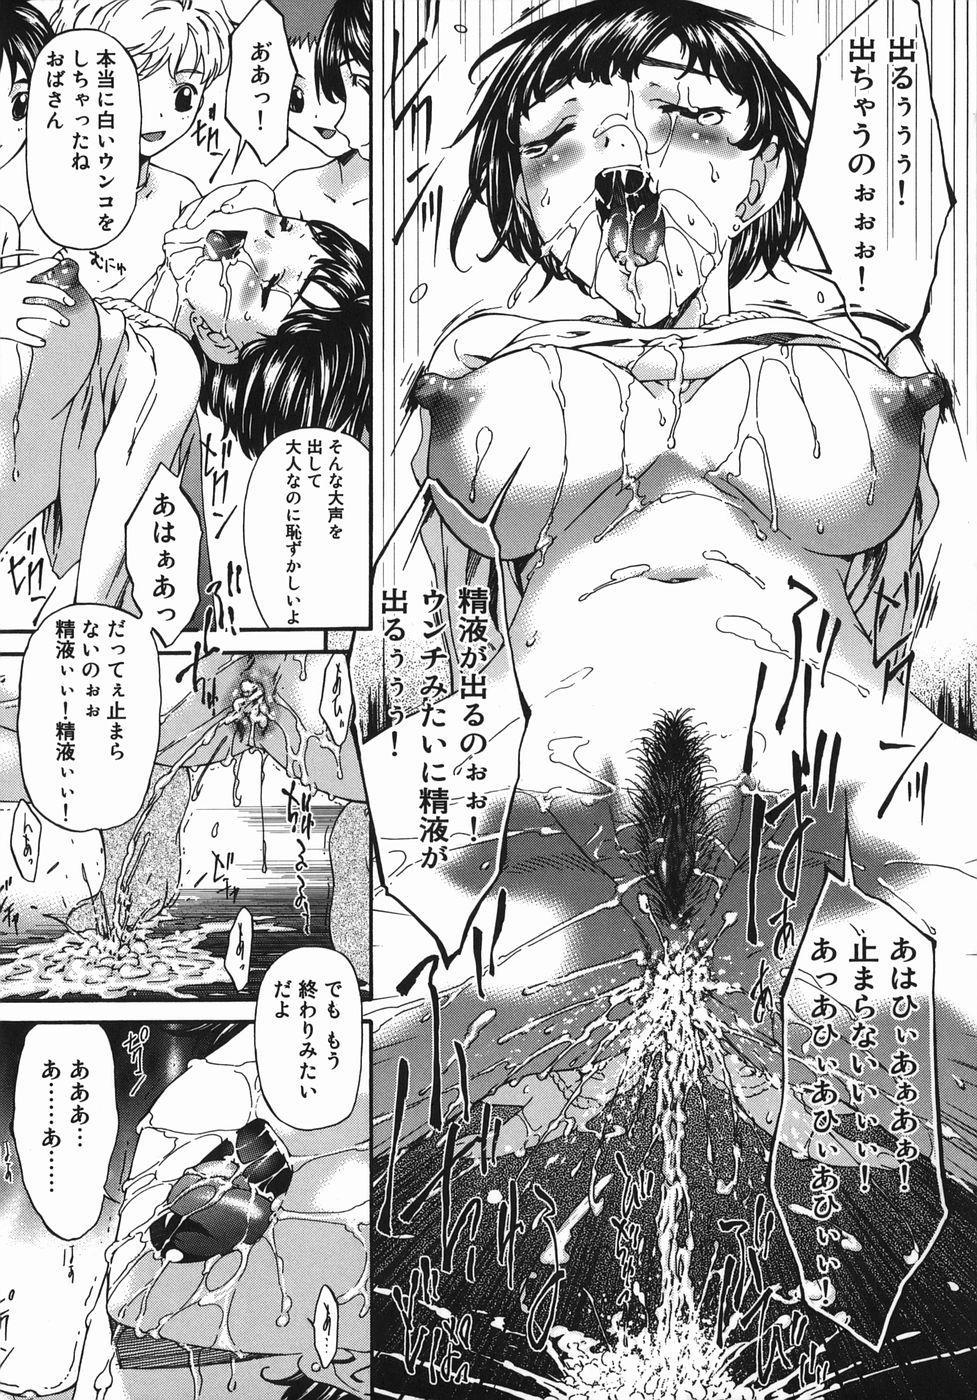 Hensachi ZERO kara no Seiteki Kyouiku 124